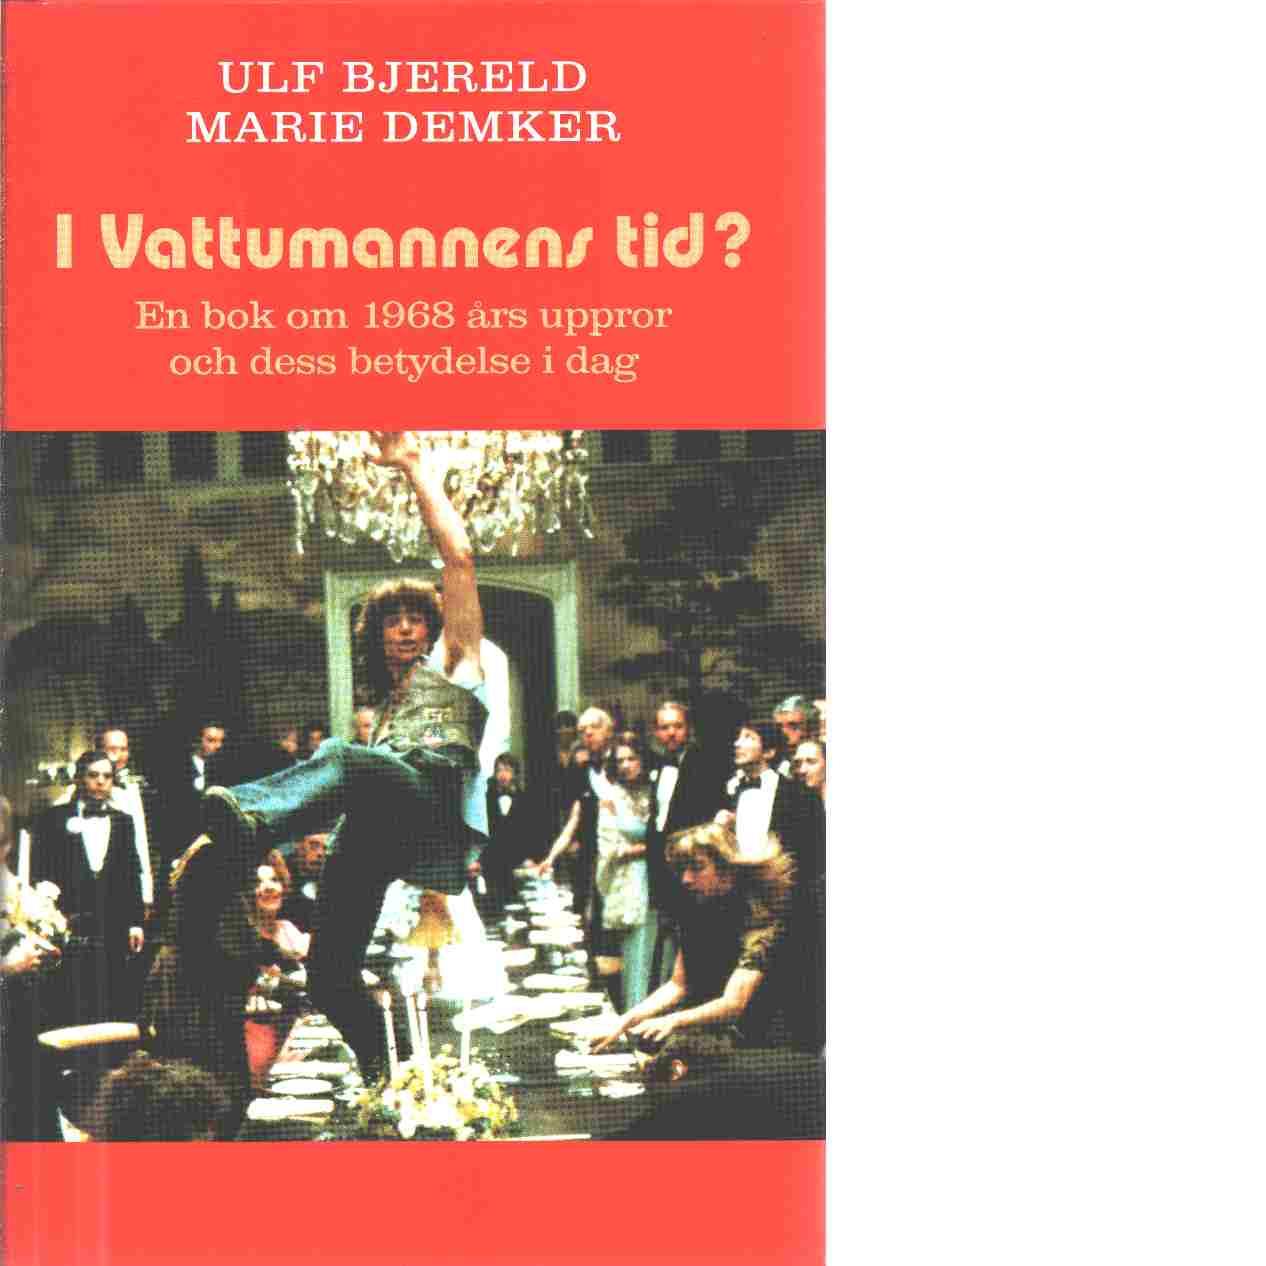 I Vattumannens tid? : en bok om 1968 års auktoritetsuppror och dess betydelse i dag - Bjereld, Ulf och Demker, Marie